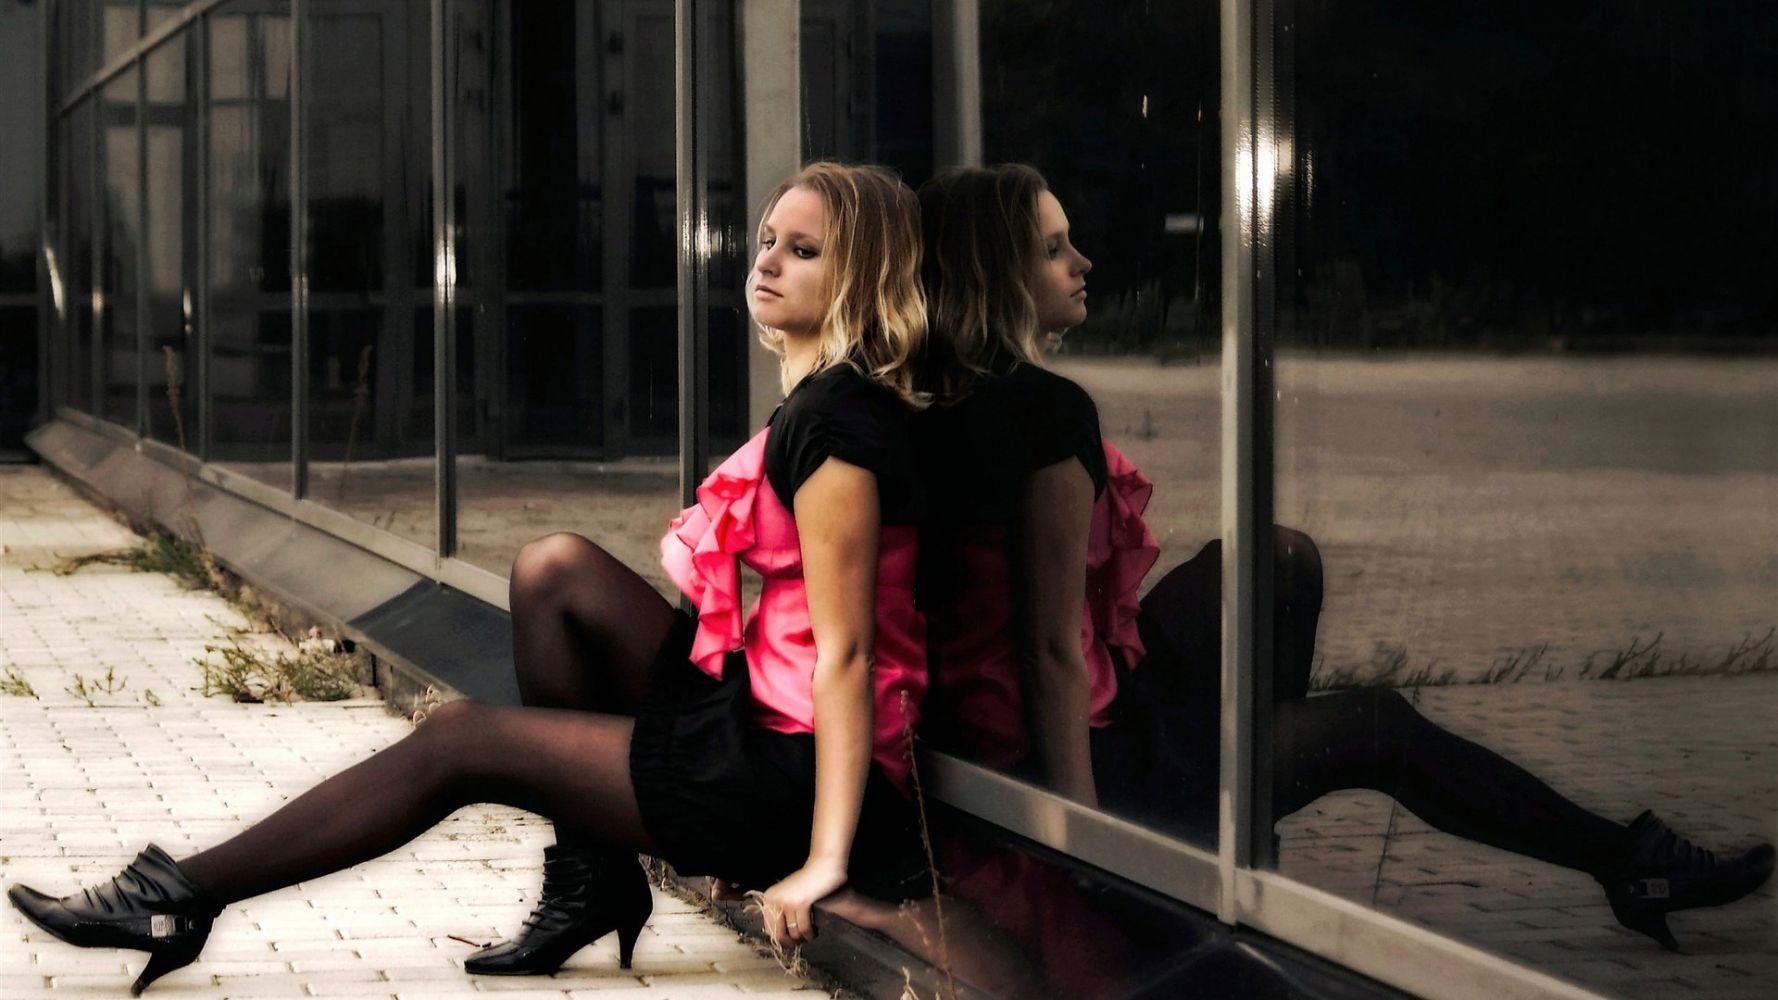 Смотреть фото девушки в платьях и чулках, В чулках. Голые девушки в чулках фото 1 фотография